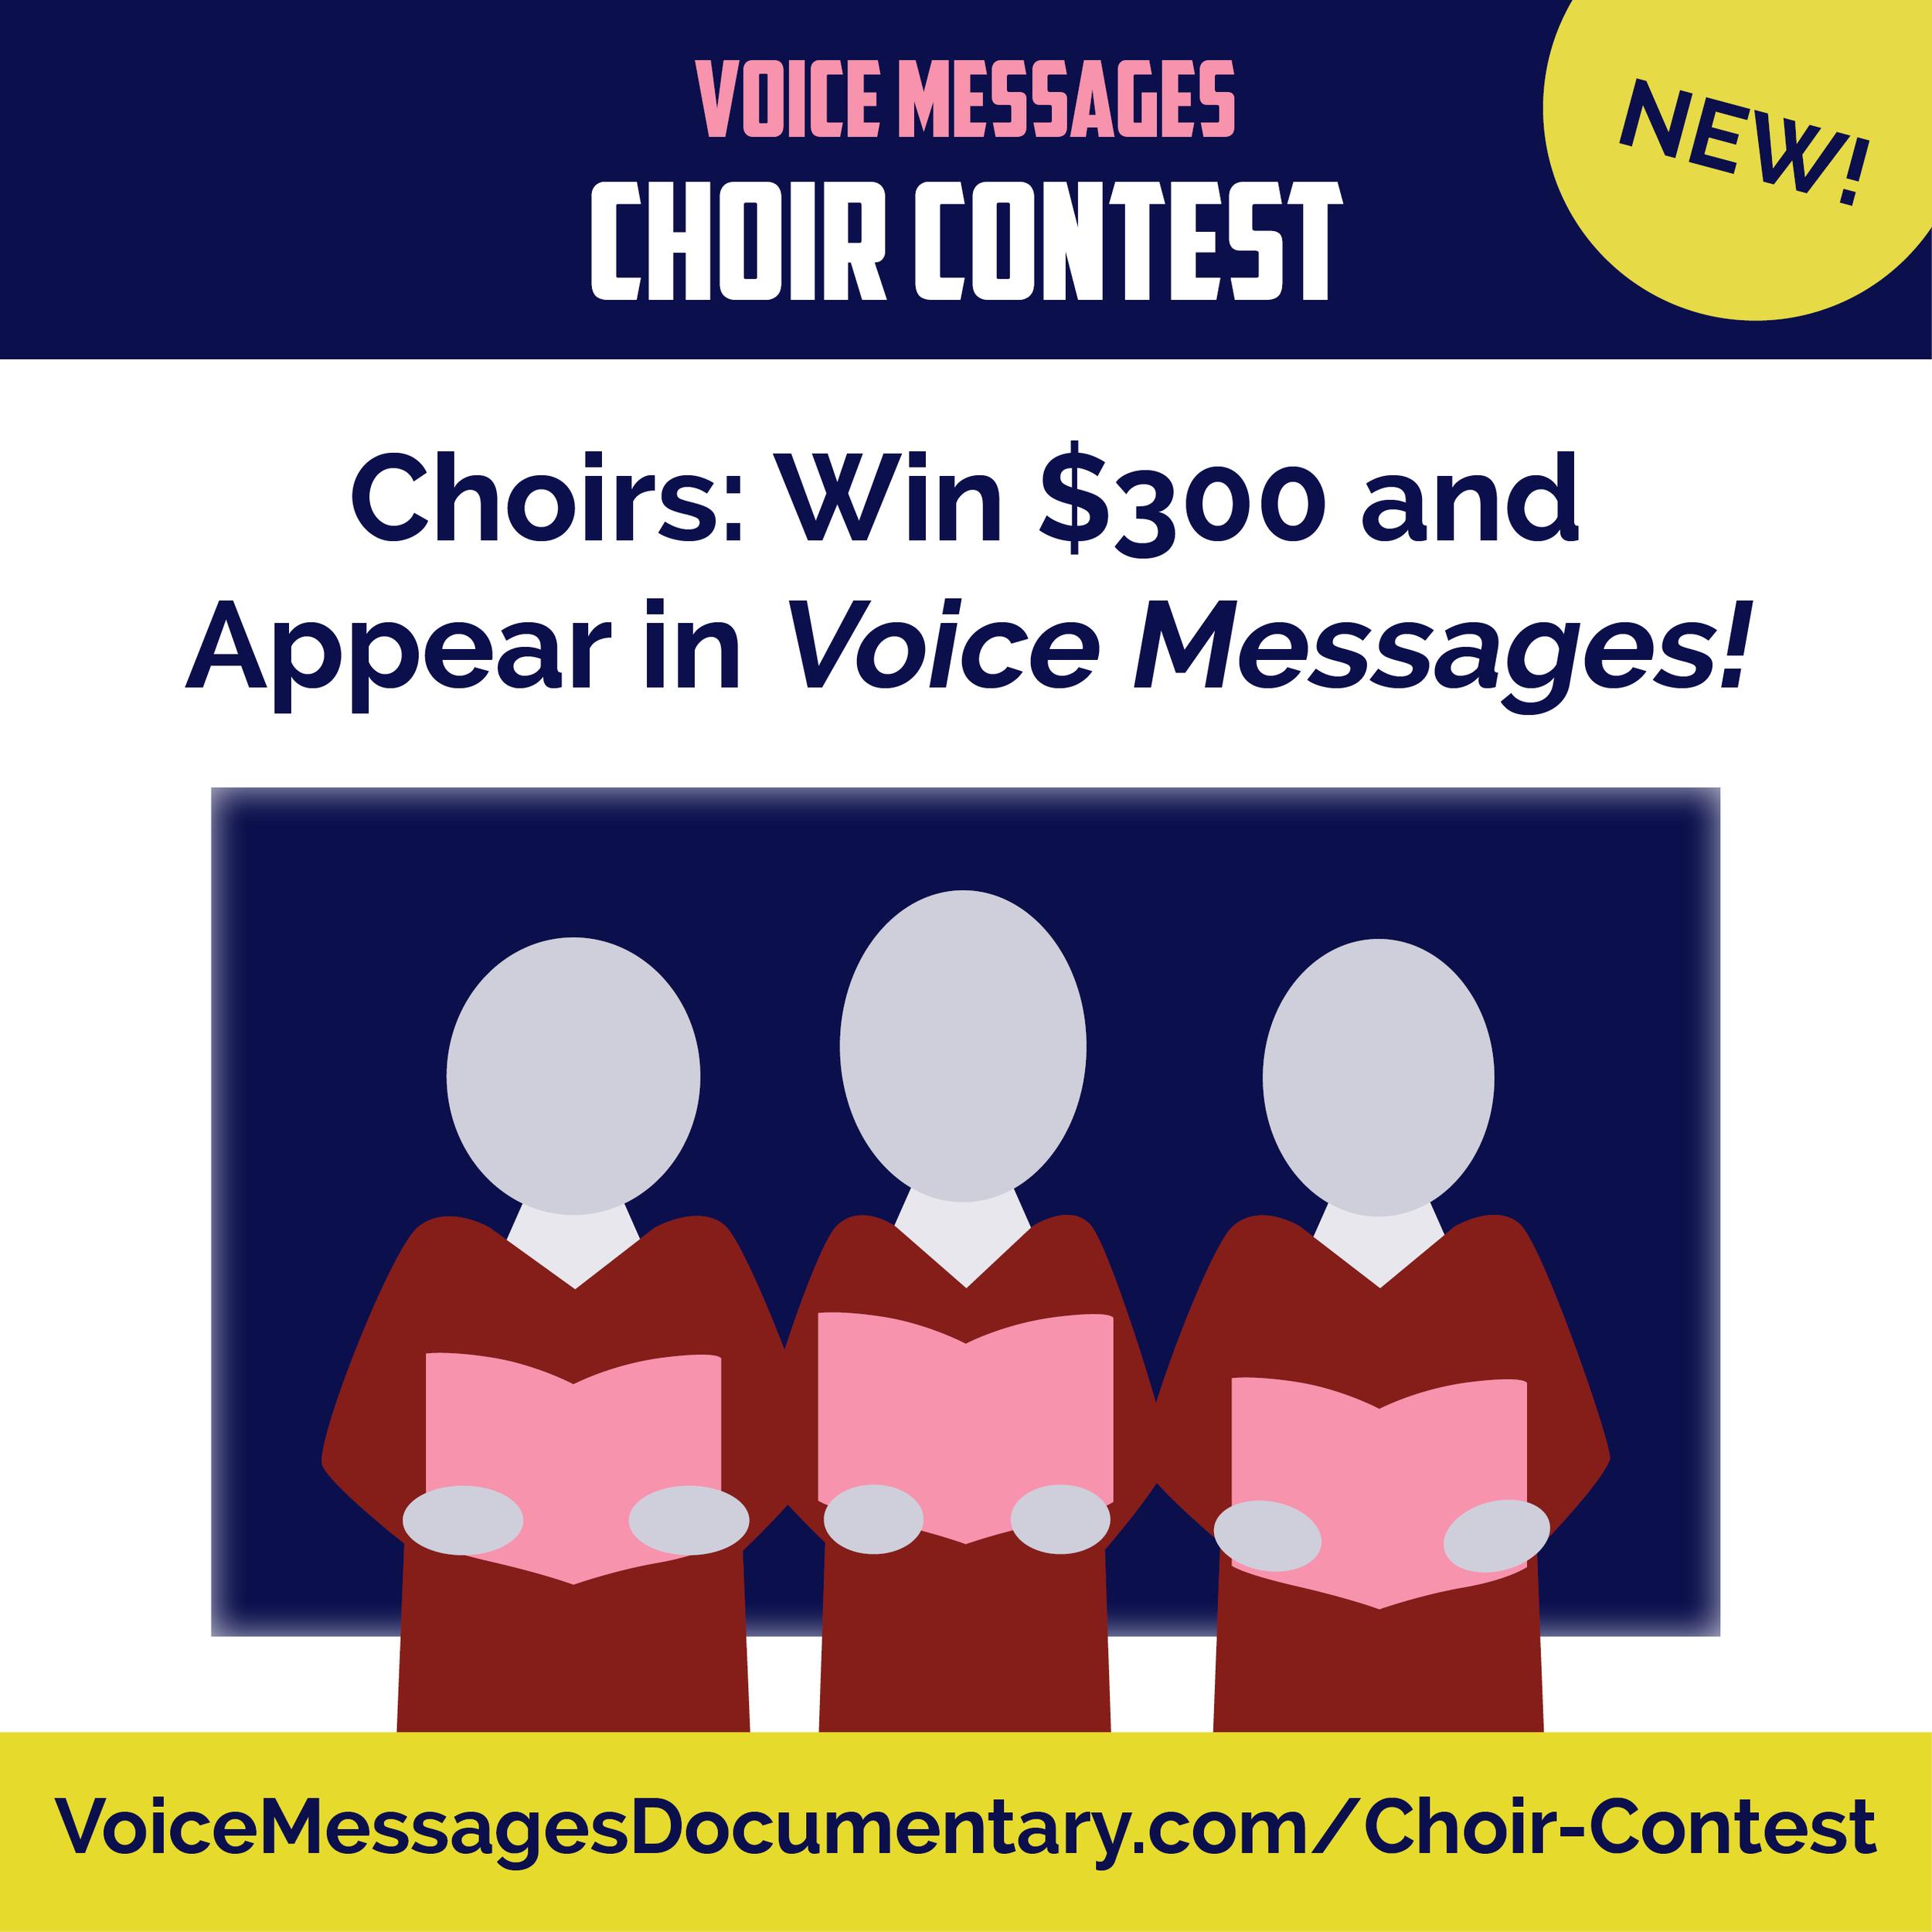 VoiceMessages_ChoirContest.jpg